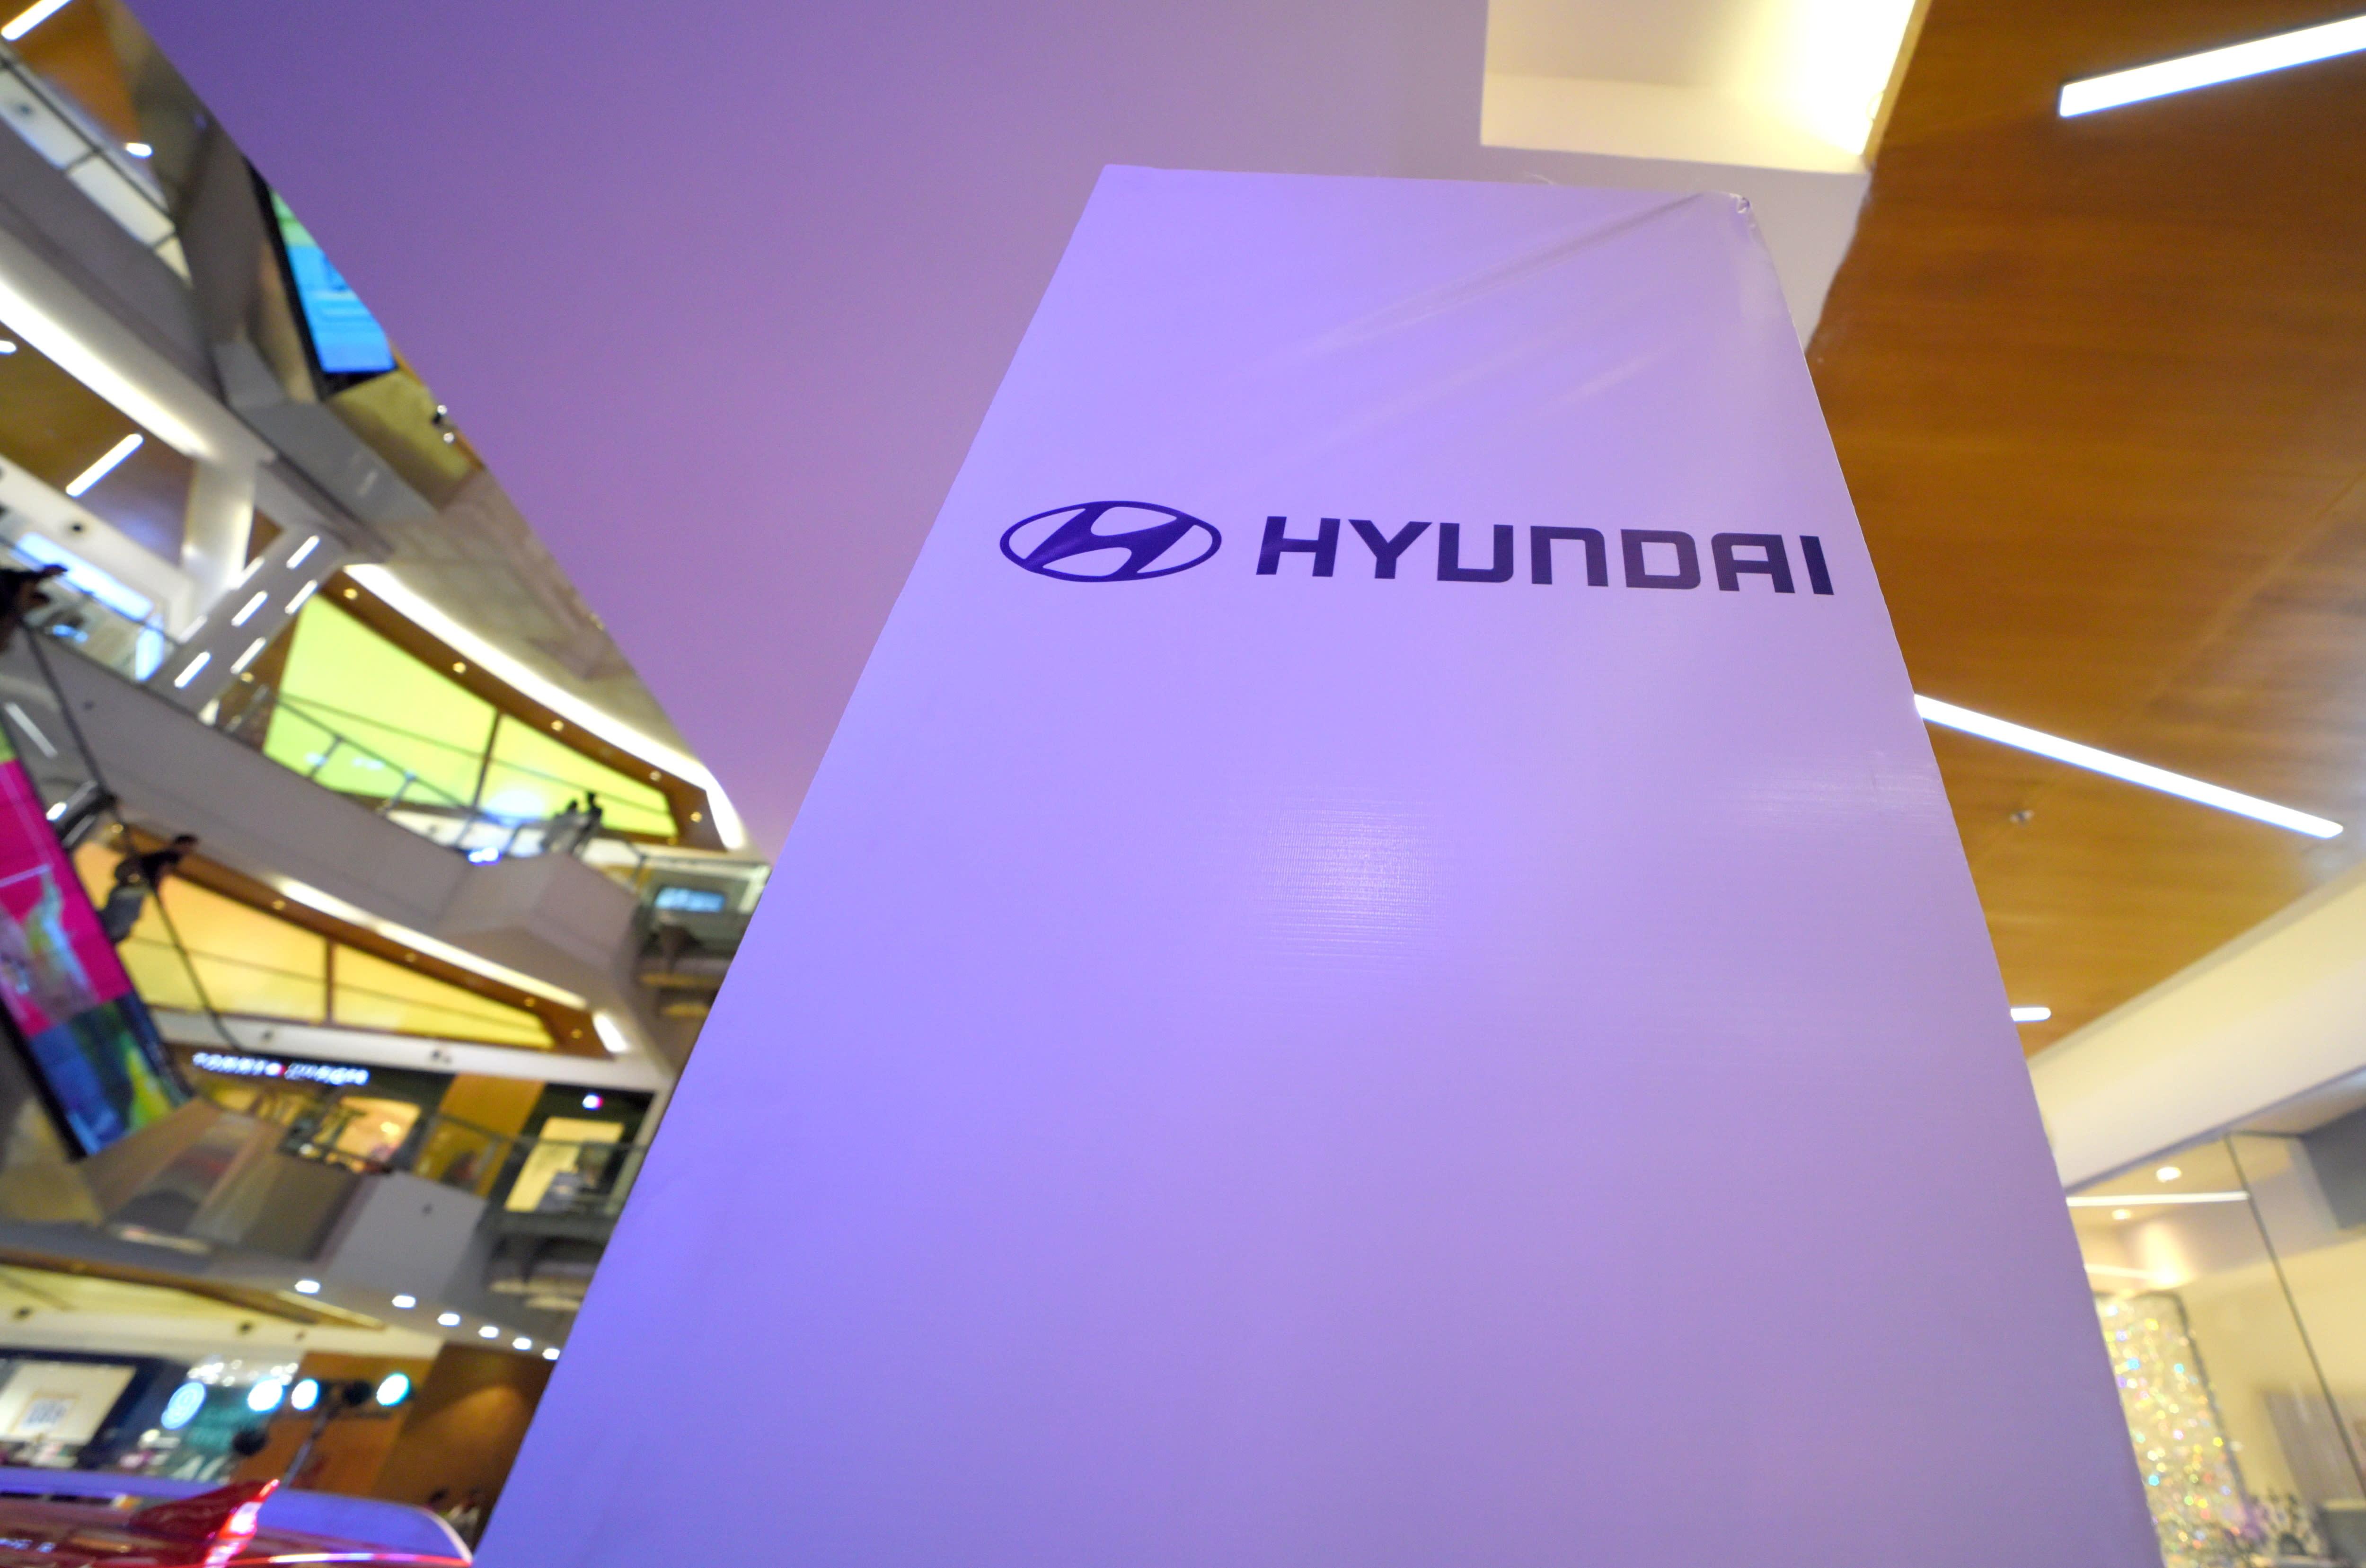 How Hyundai won the Super Bowl ad war